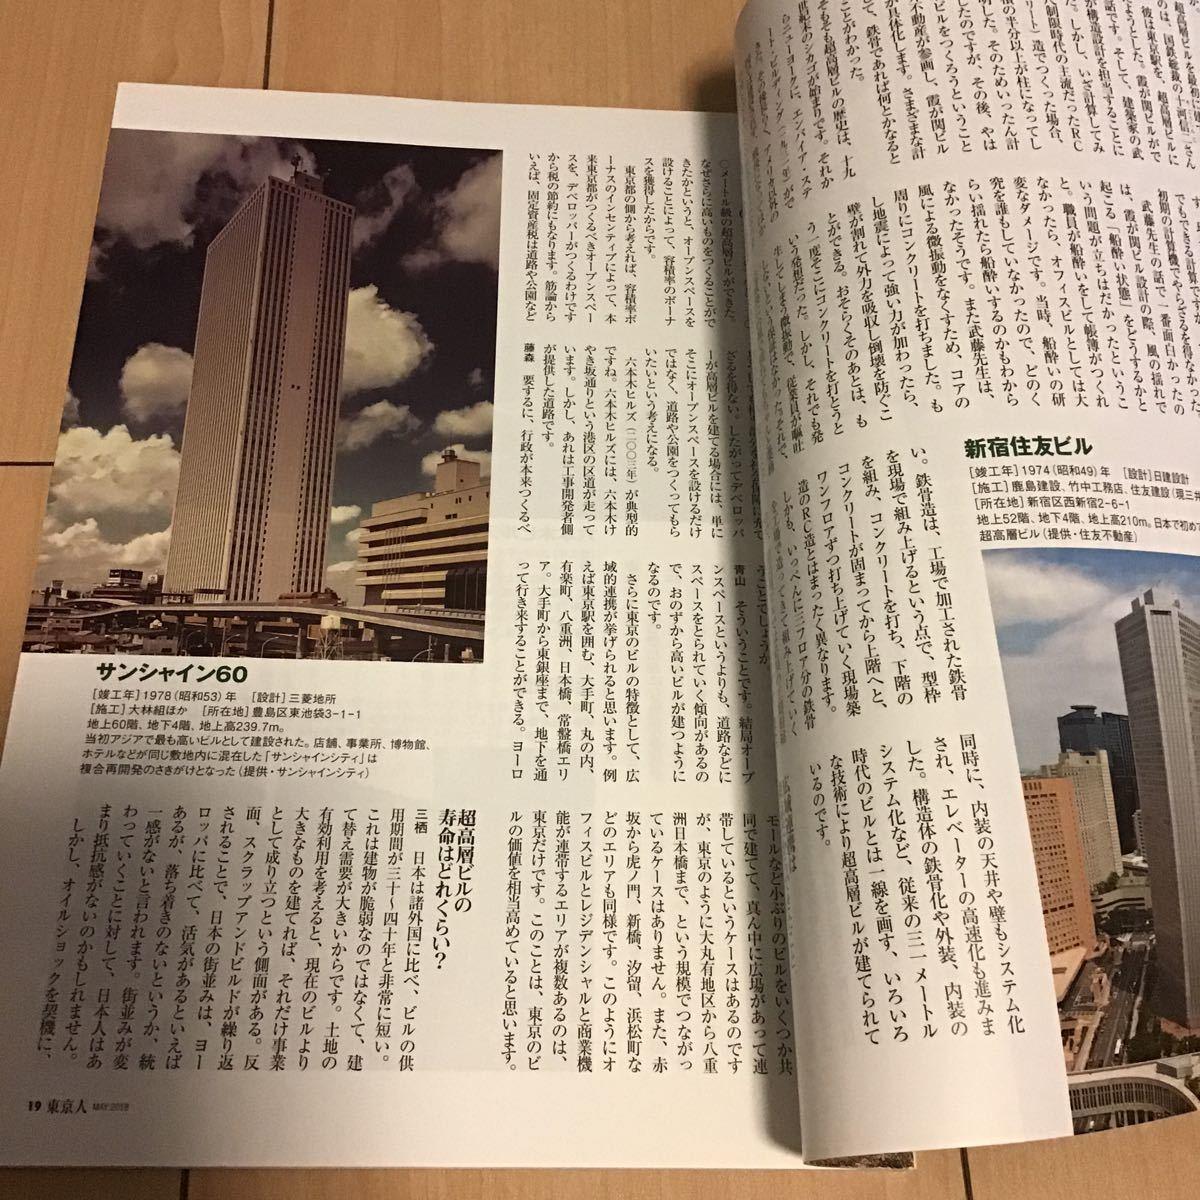 東京人 NO.396 2018年5月号 ビル散歩 1960-1970年代 レトロから超高層まで / 都市をつくるビル10選_画像10